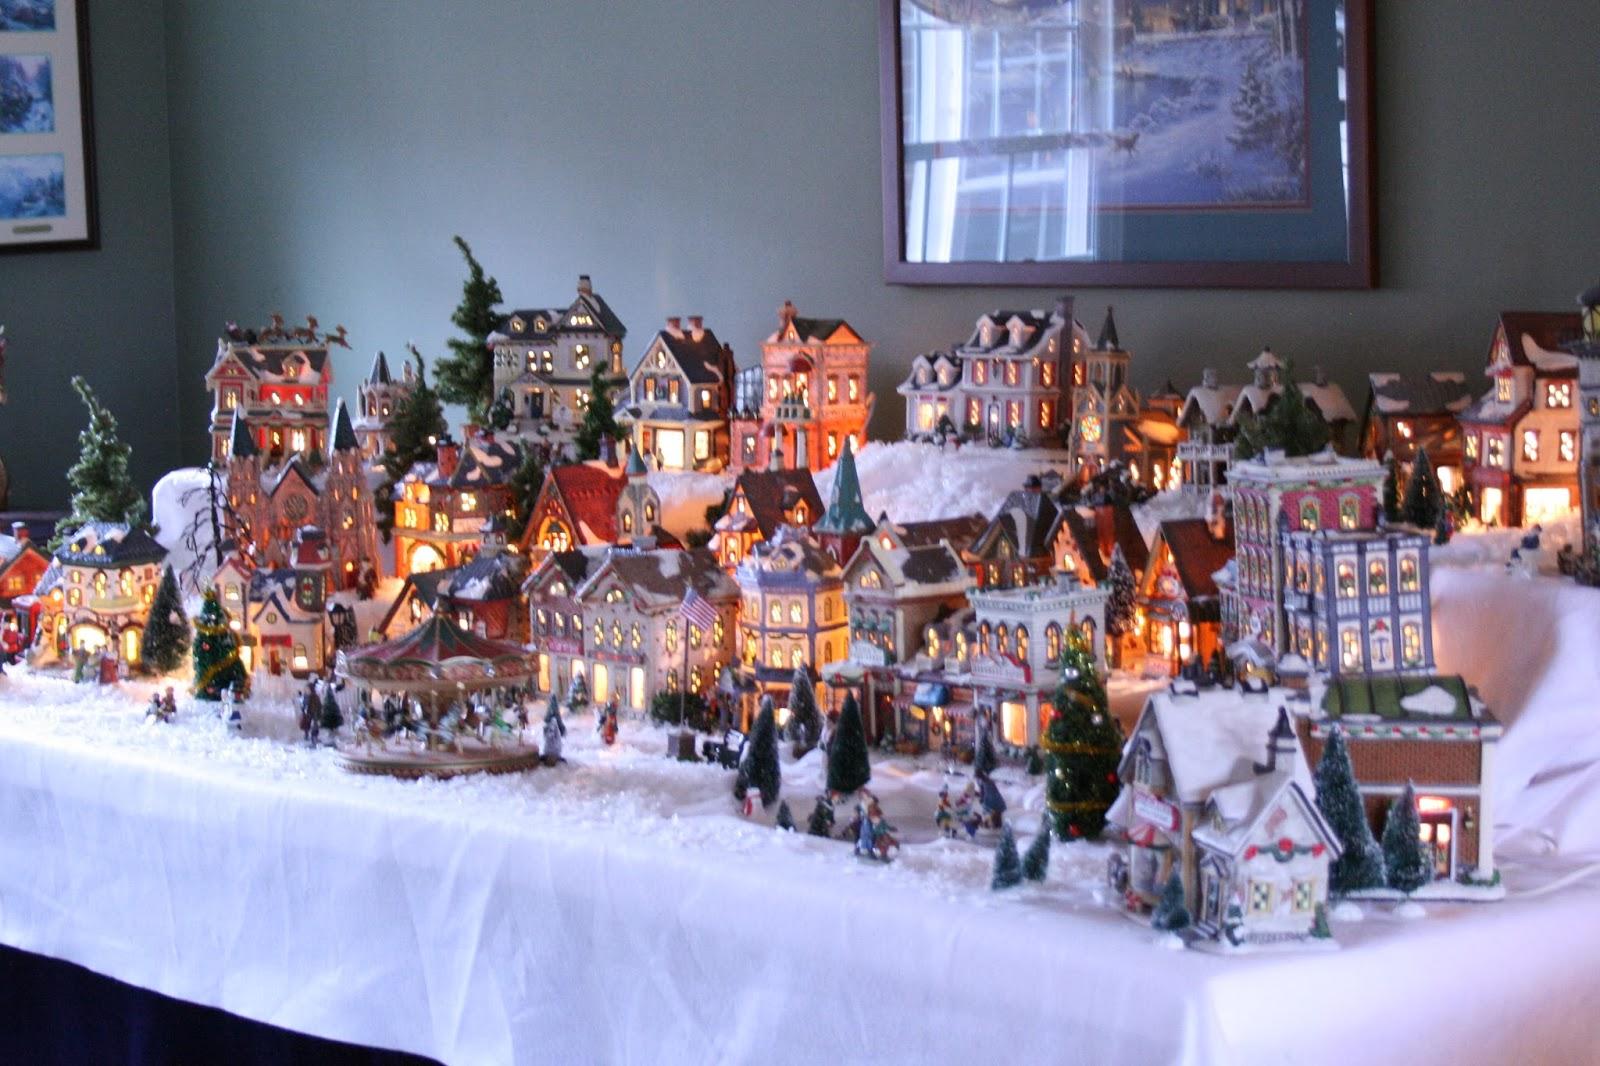 Priscillas christmas village